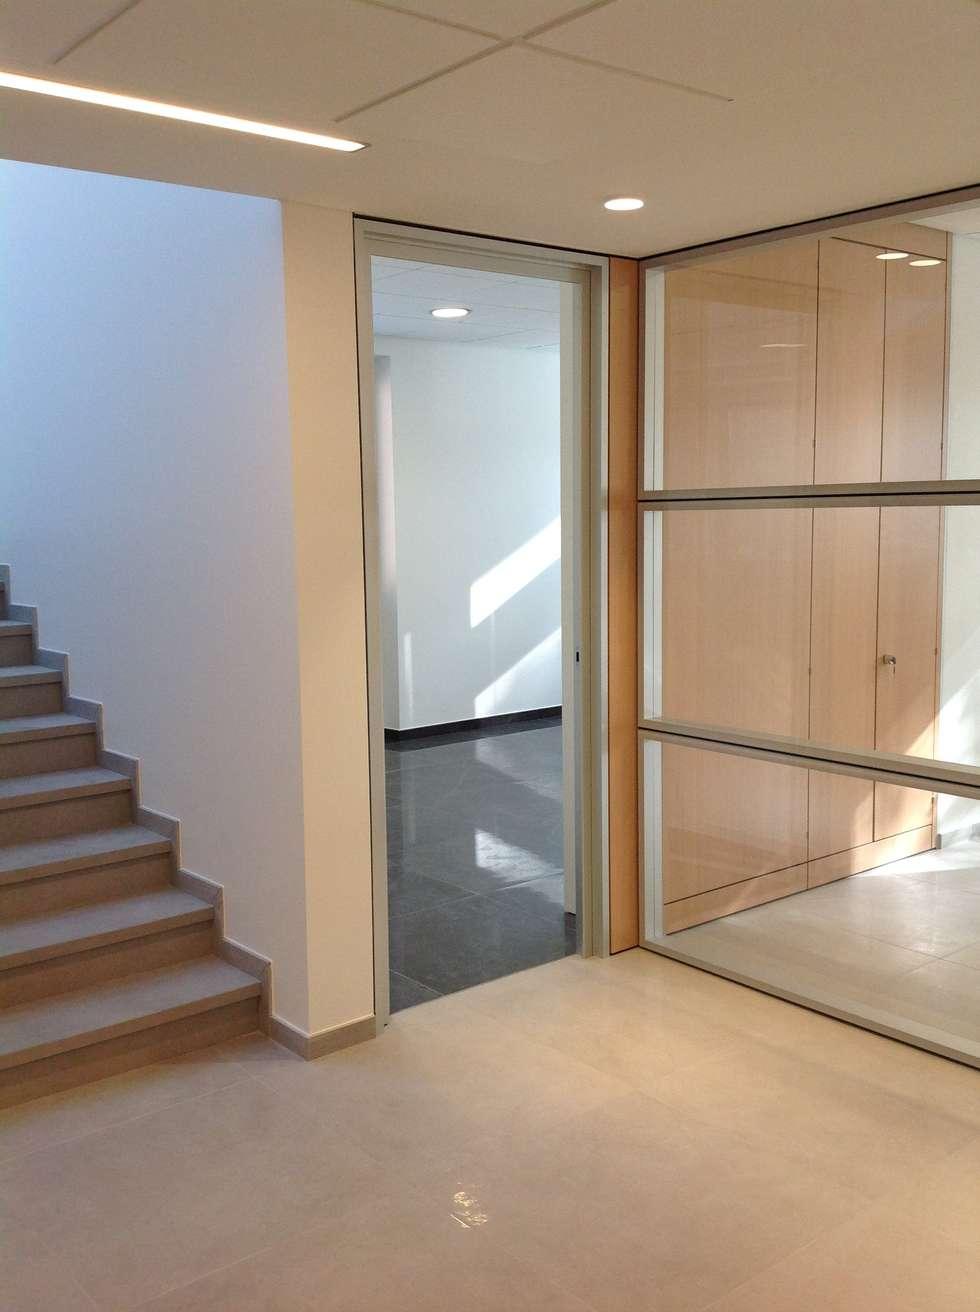 PALAZZINA UFFICI: Ingresso & Corridoio in stile  di squaremeter di chiara zocchi ed erika piacentino